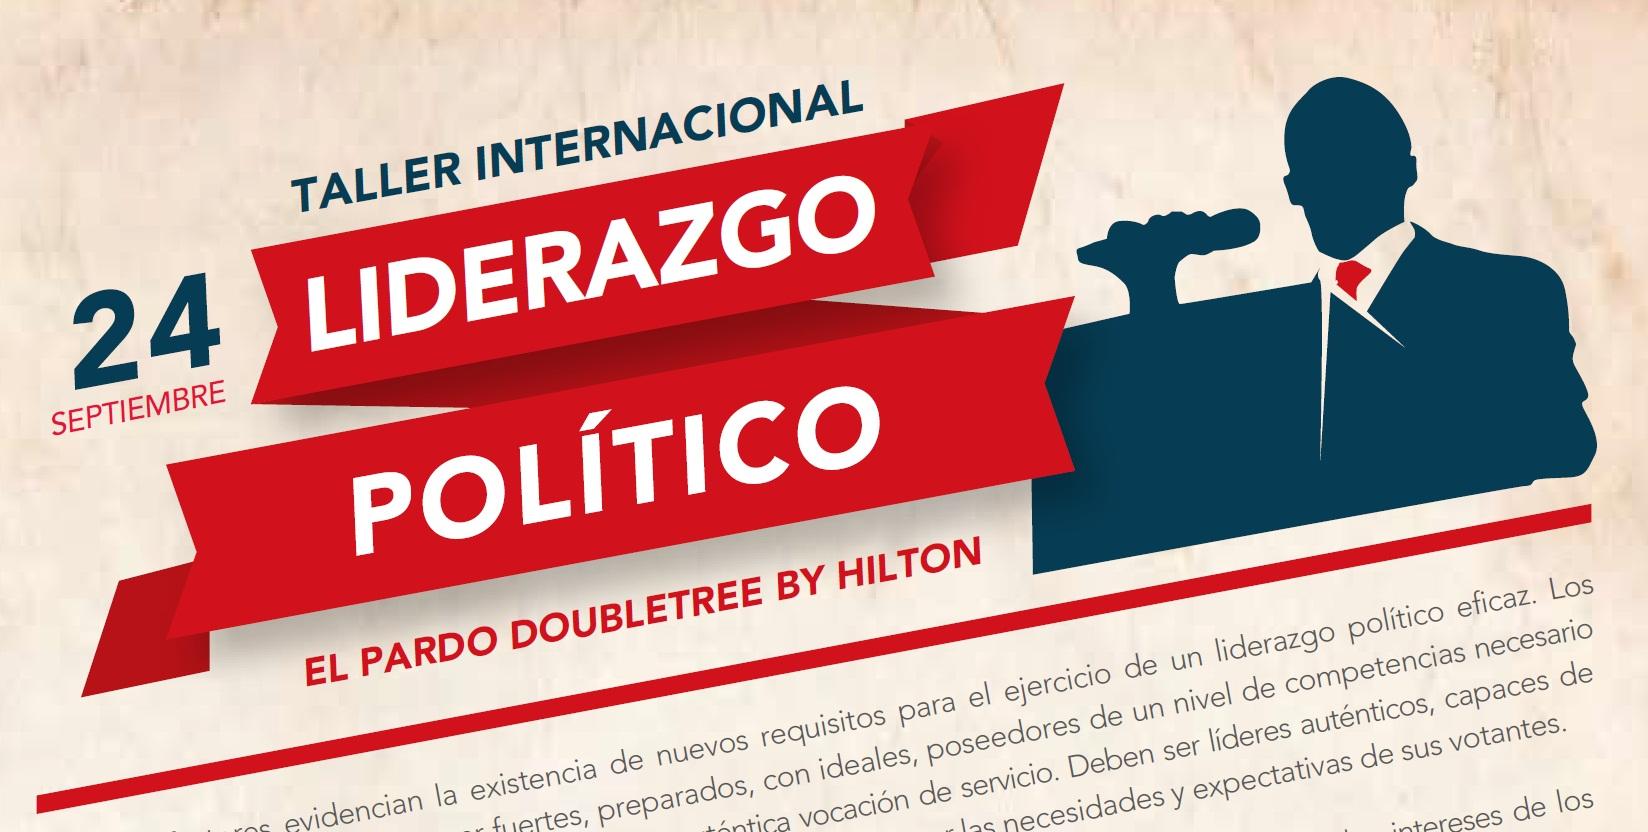 Taller internacional: Las claves del liderazgo político